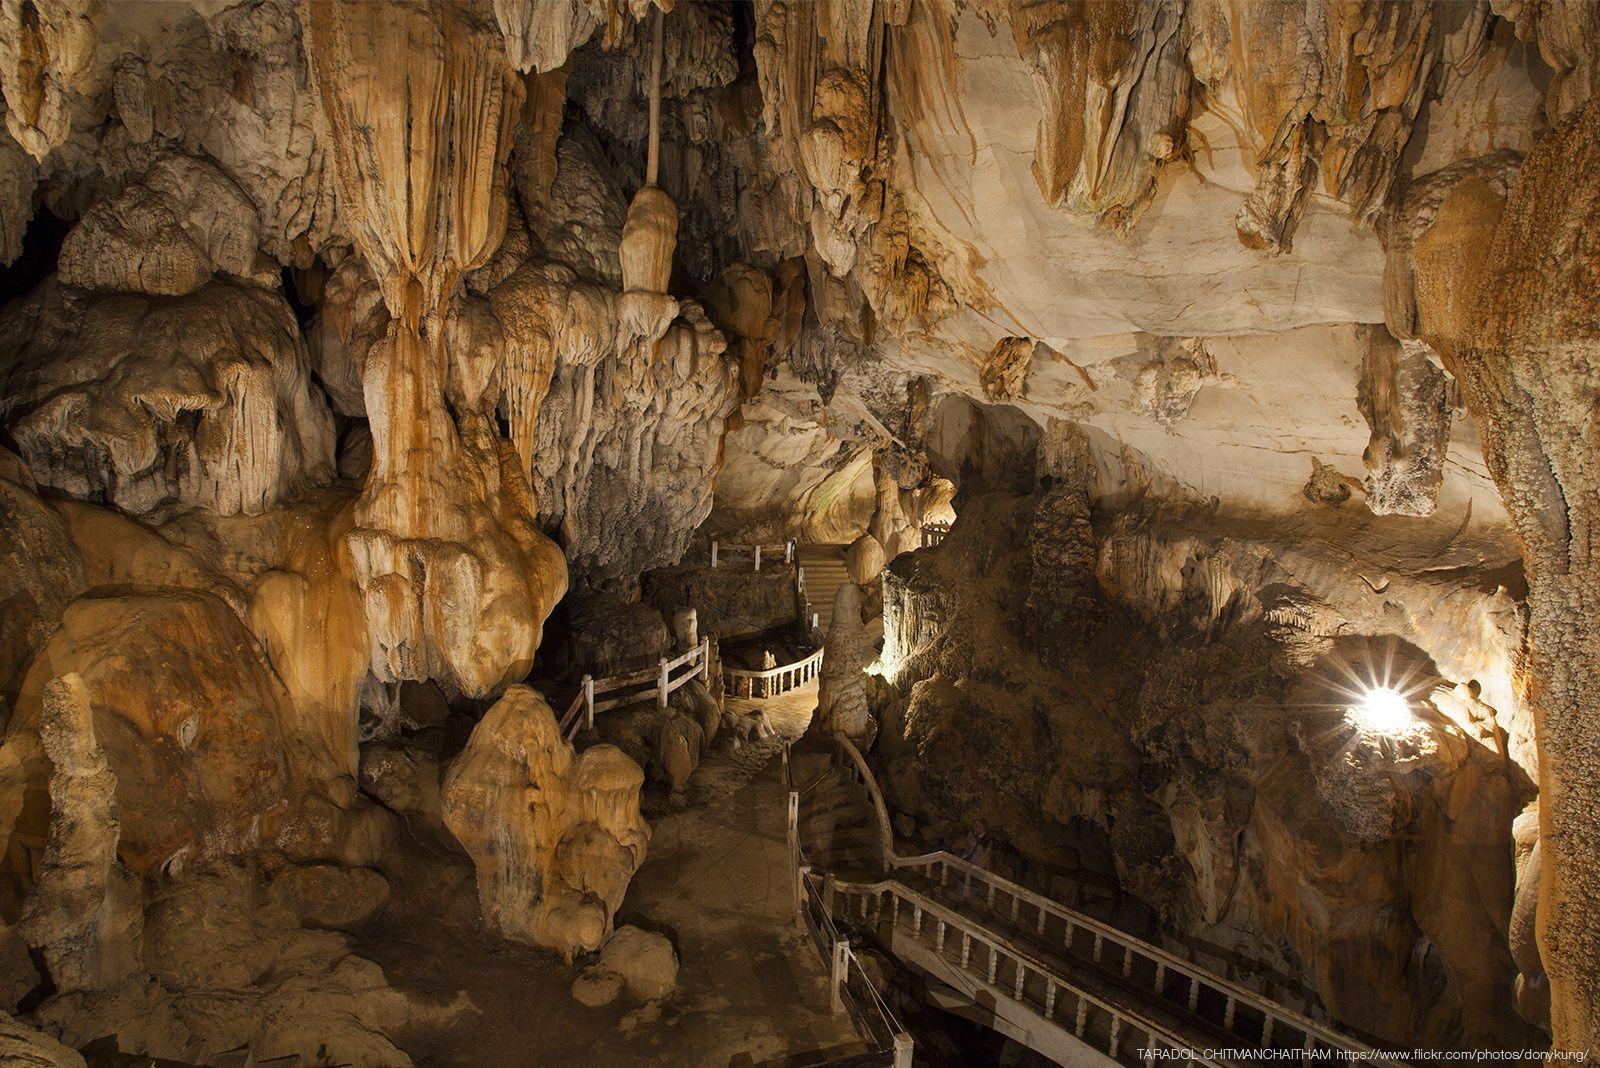 ラオスの秘境「バンビエン」おすすめ観光スポット&楽しみ方特集!バックパッカーからも大人気